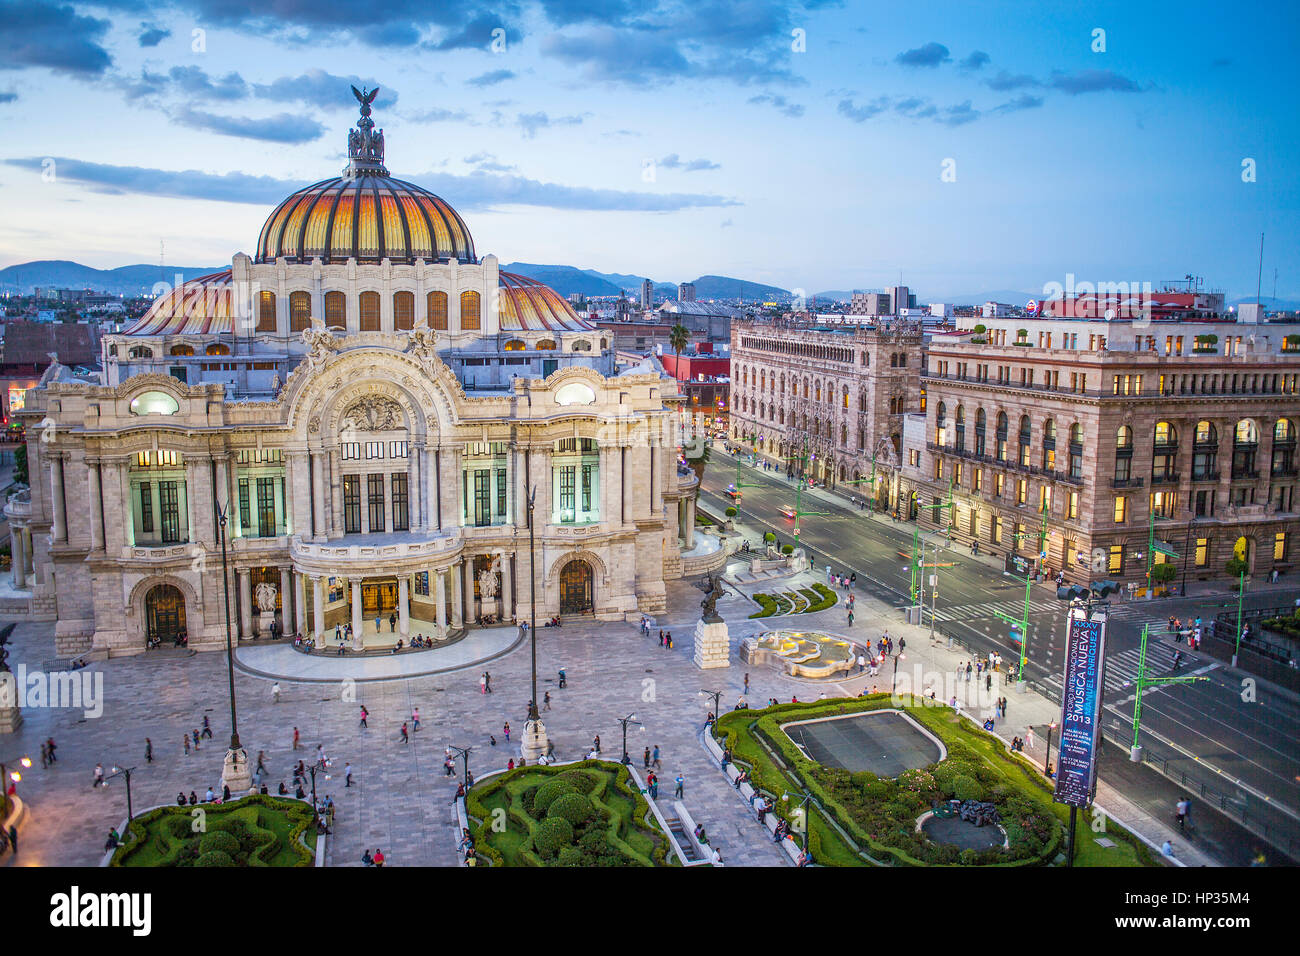 Palacio de Bellas Artes, Ciudad de México, México Imagen De Stock